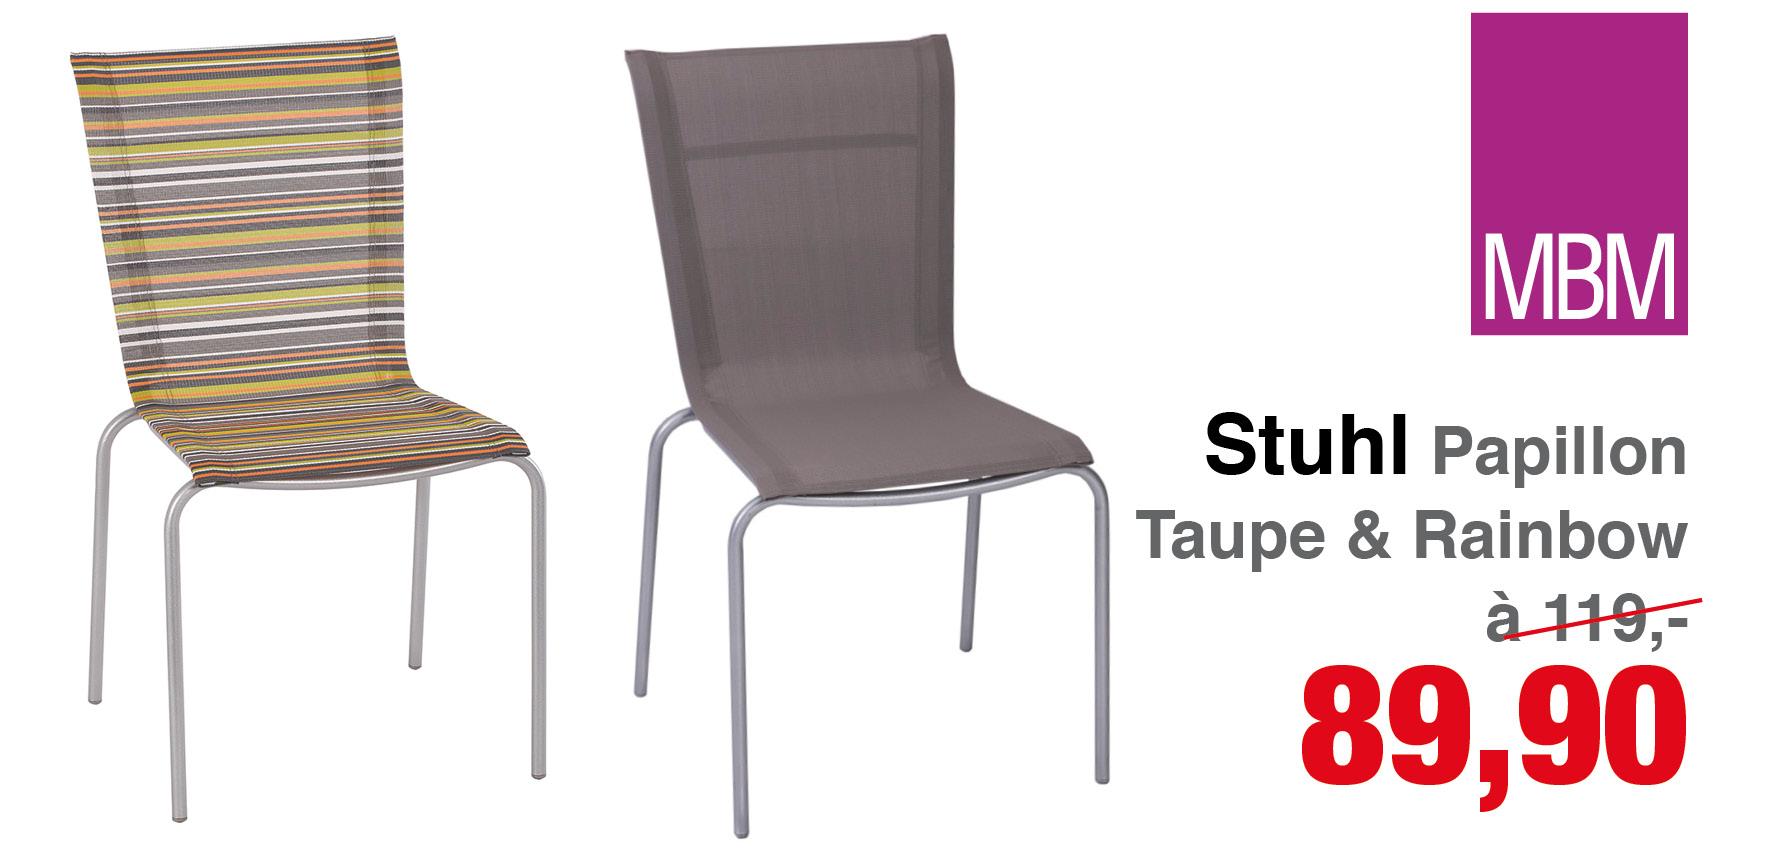 Stuhl Papillon - MBM Gartenmöbel Lagerverkauf